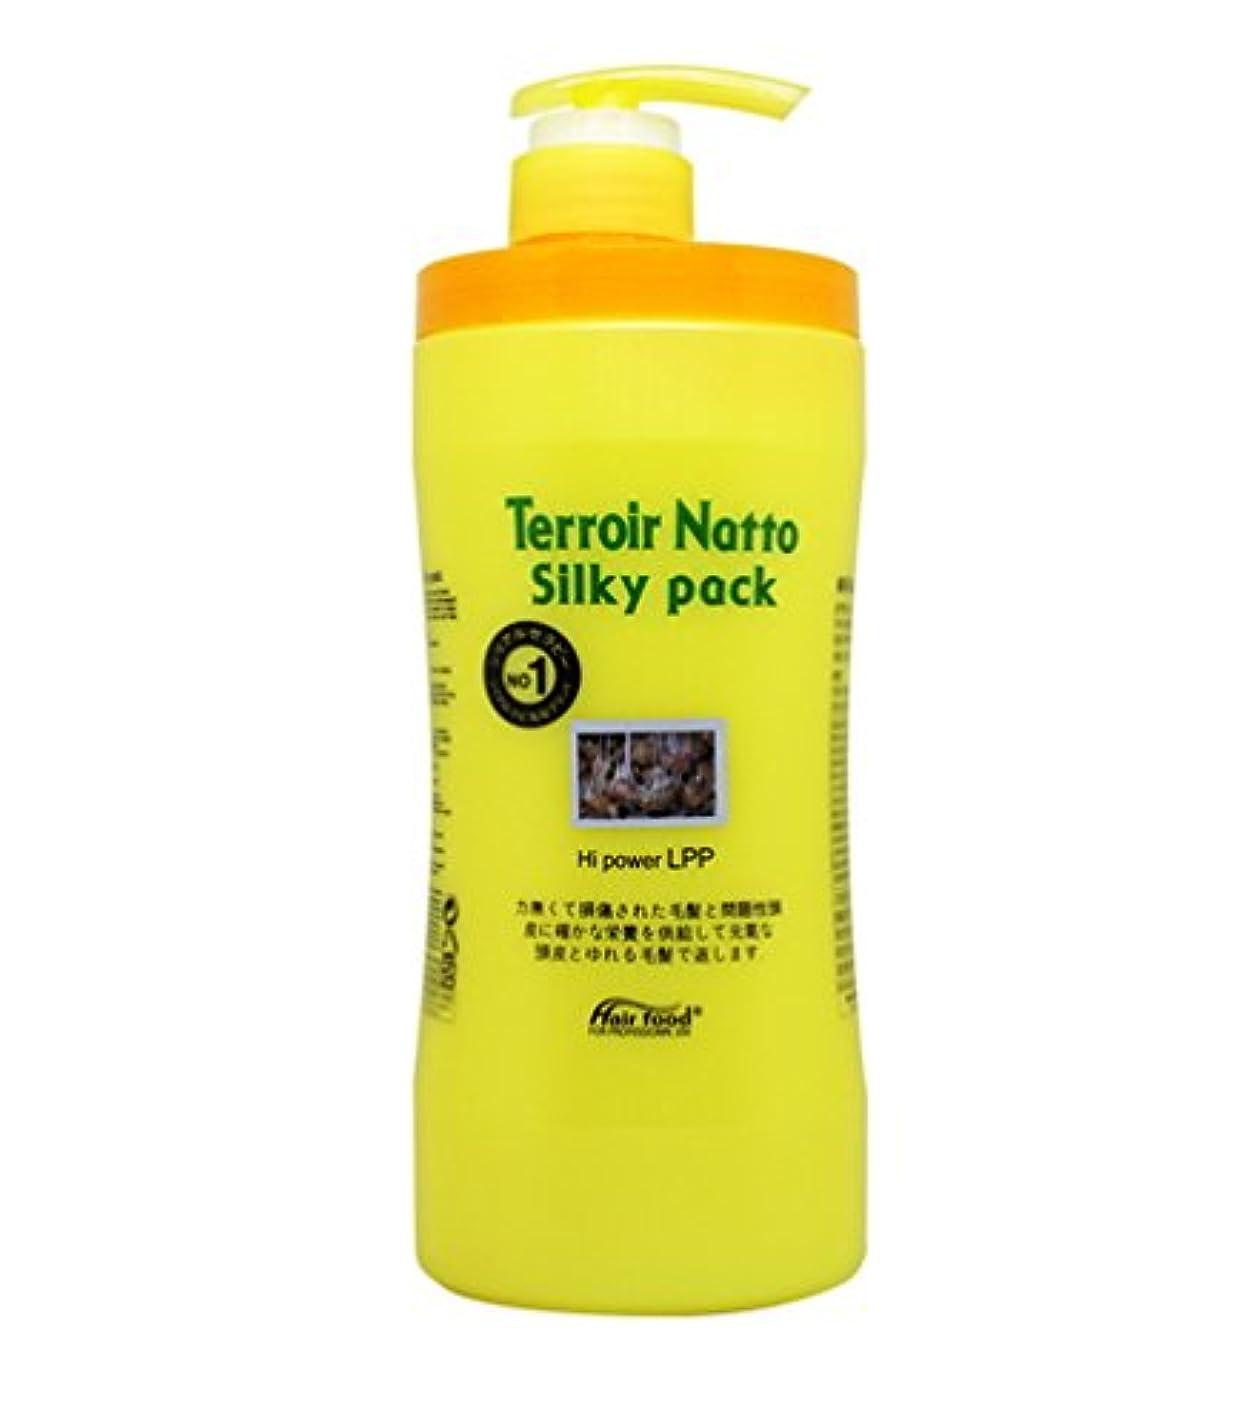 実験をする階層ハイジャック[MEDICIJAPAN/メディシュジャパン] Hair Food Terroir Natto Silky Pack 1000ml/ ヘアフードテロワール納豆シルキーパック(海外直送品)